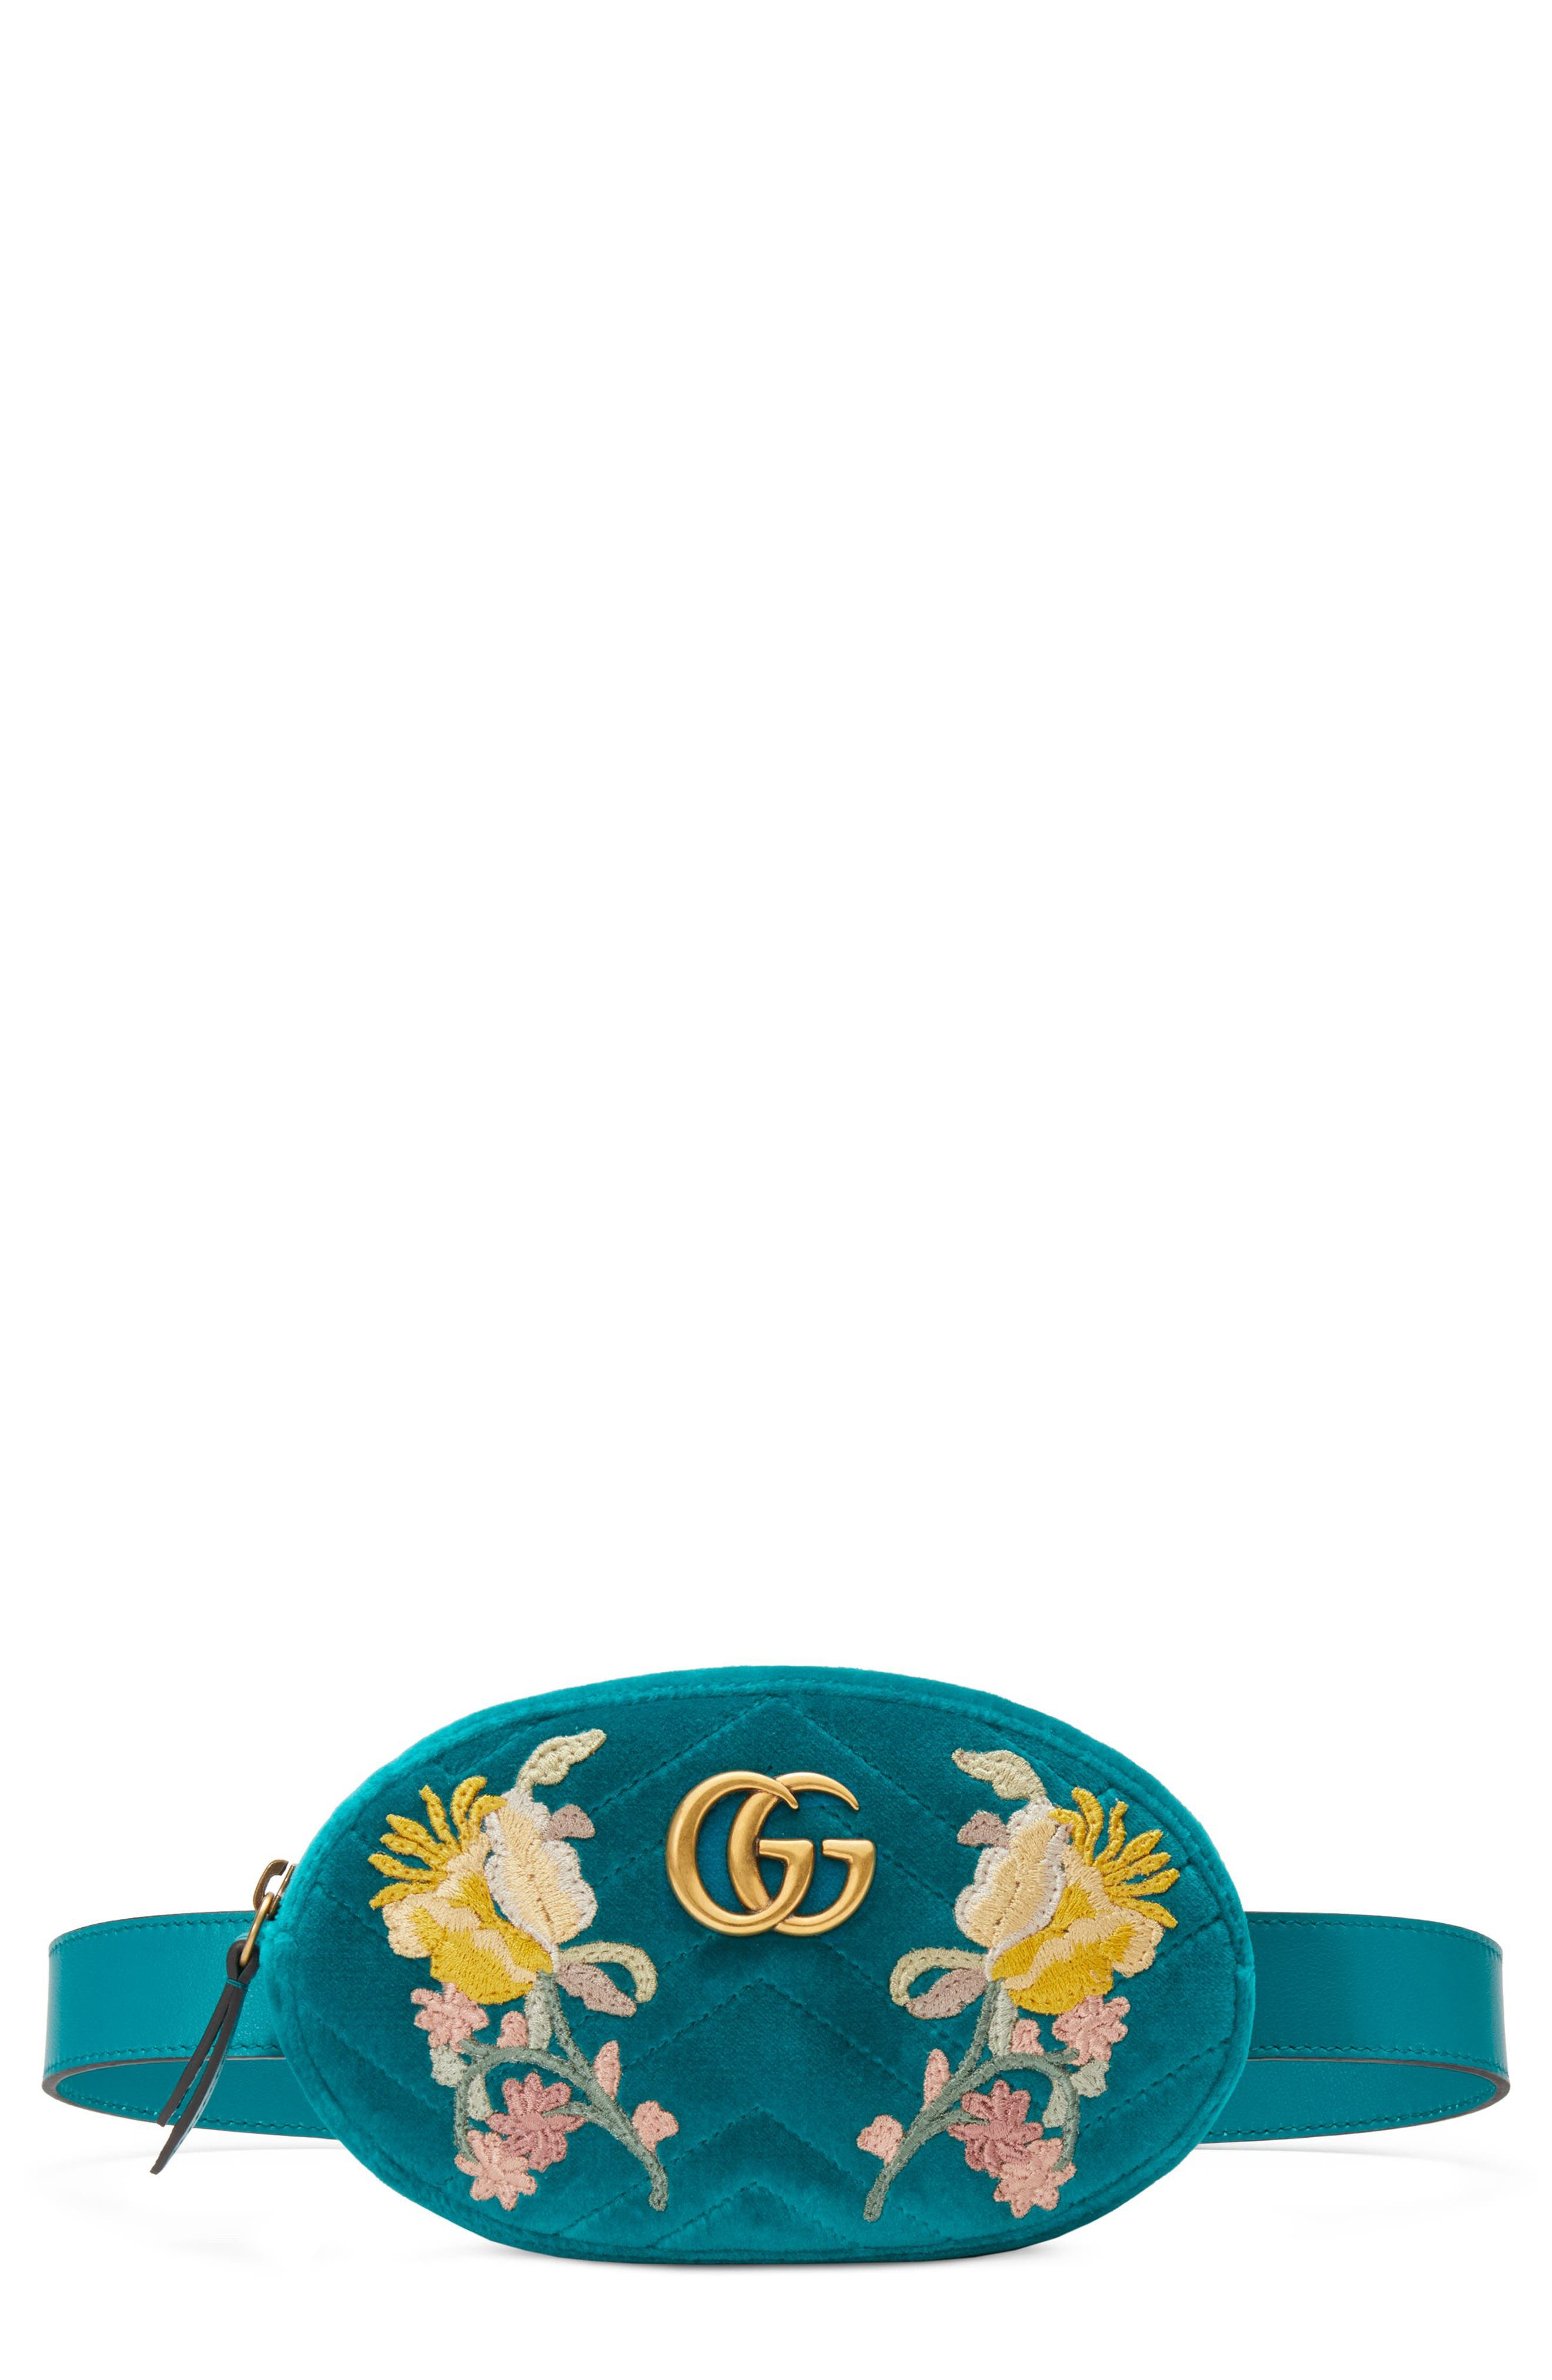 GG Marmont 2.0 Embroidered Velvet Belt Bag,                             Main thumbnail 1, color,